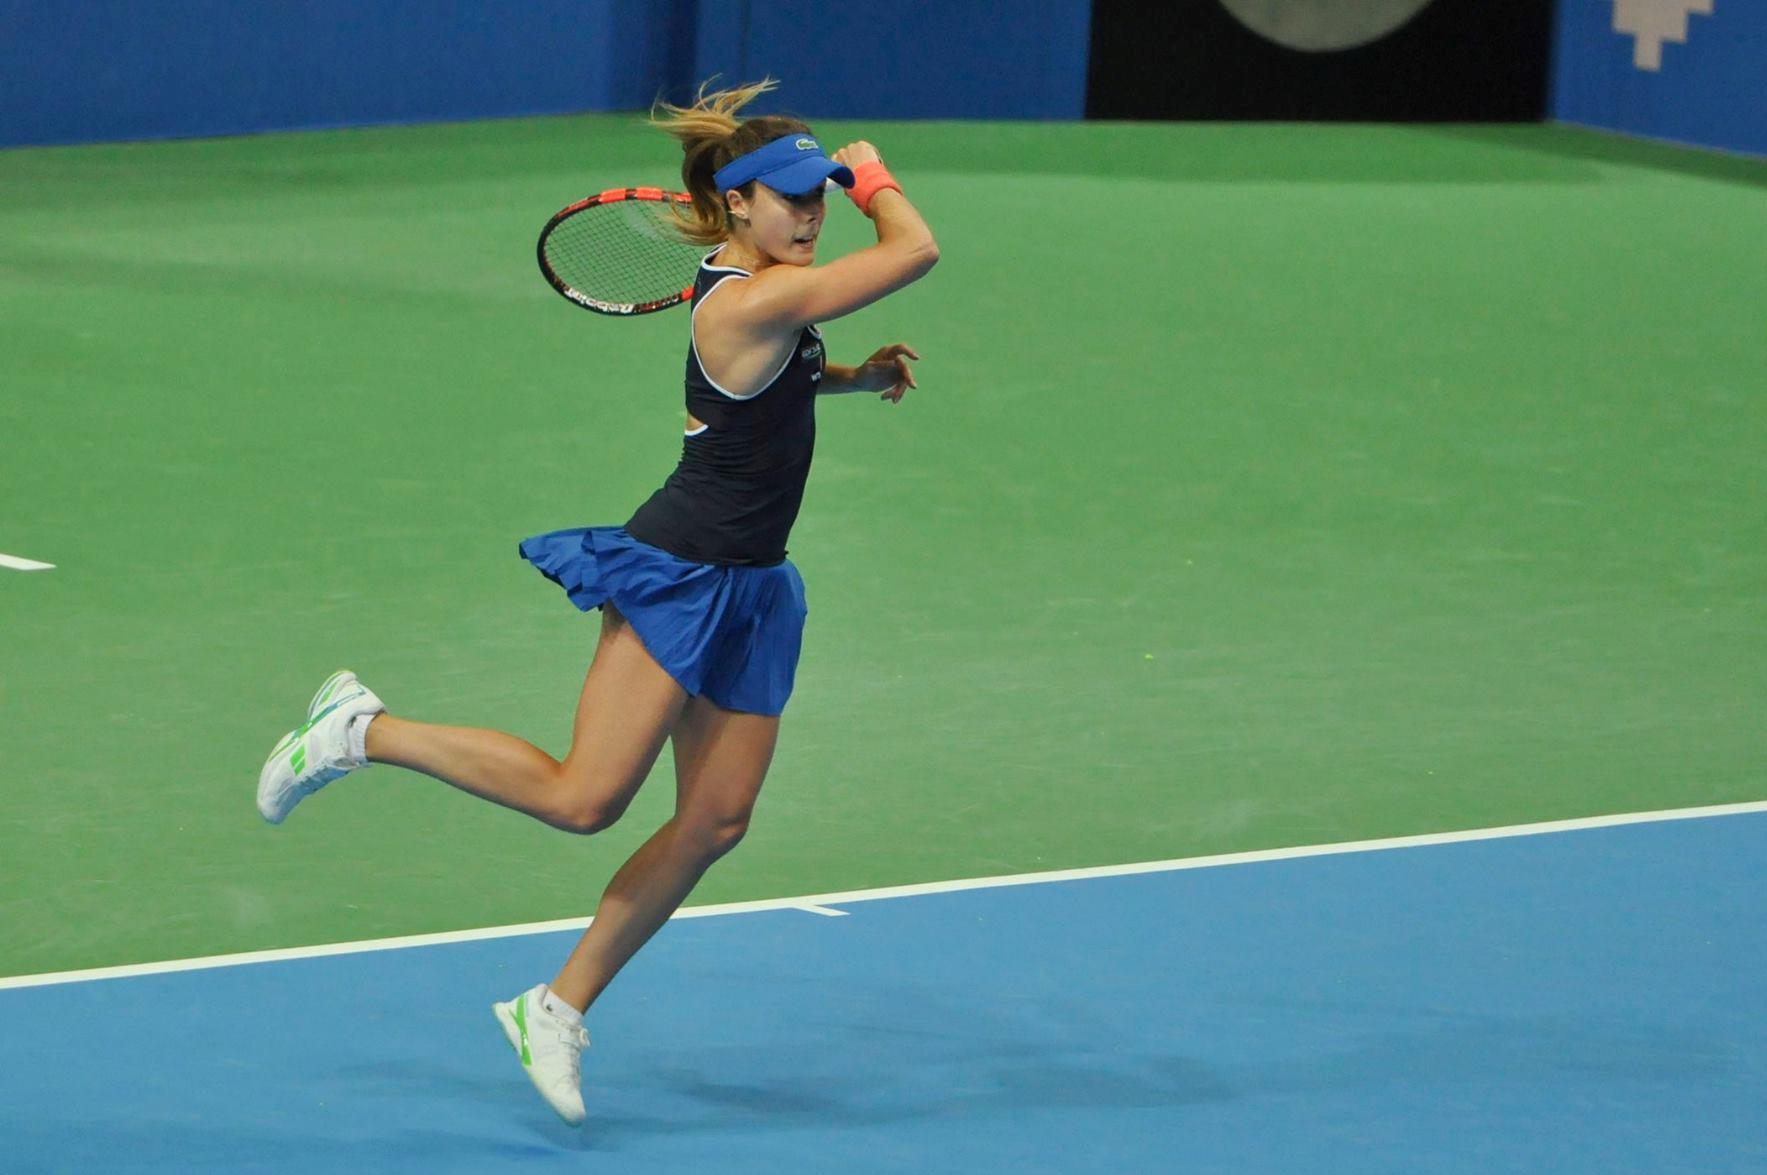 Шампионката Корне на четвъртфинал в Катовице